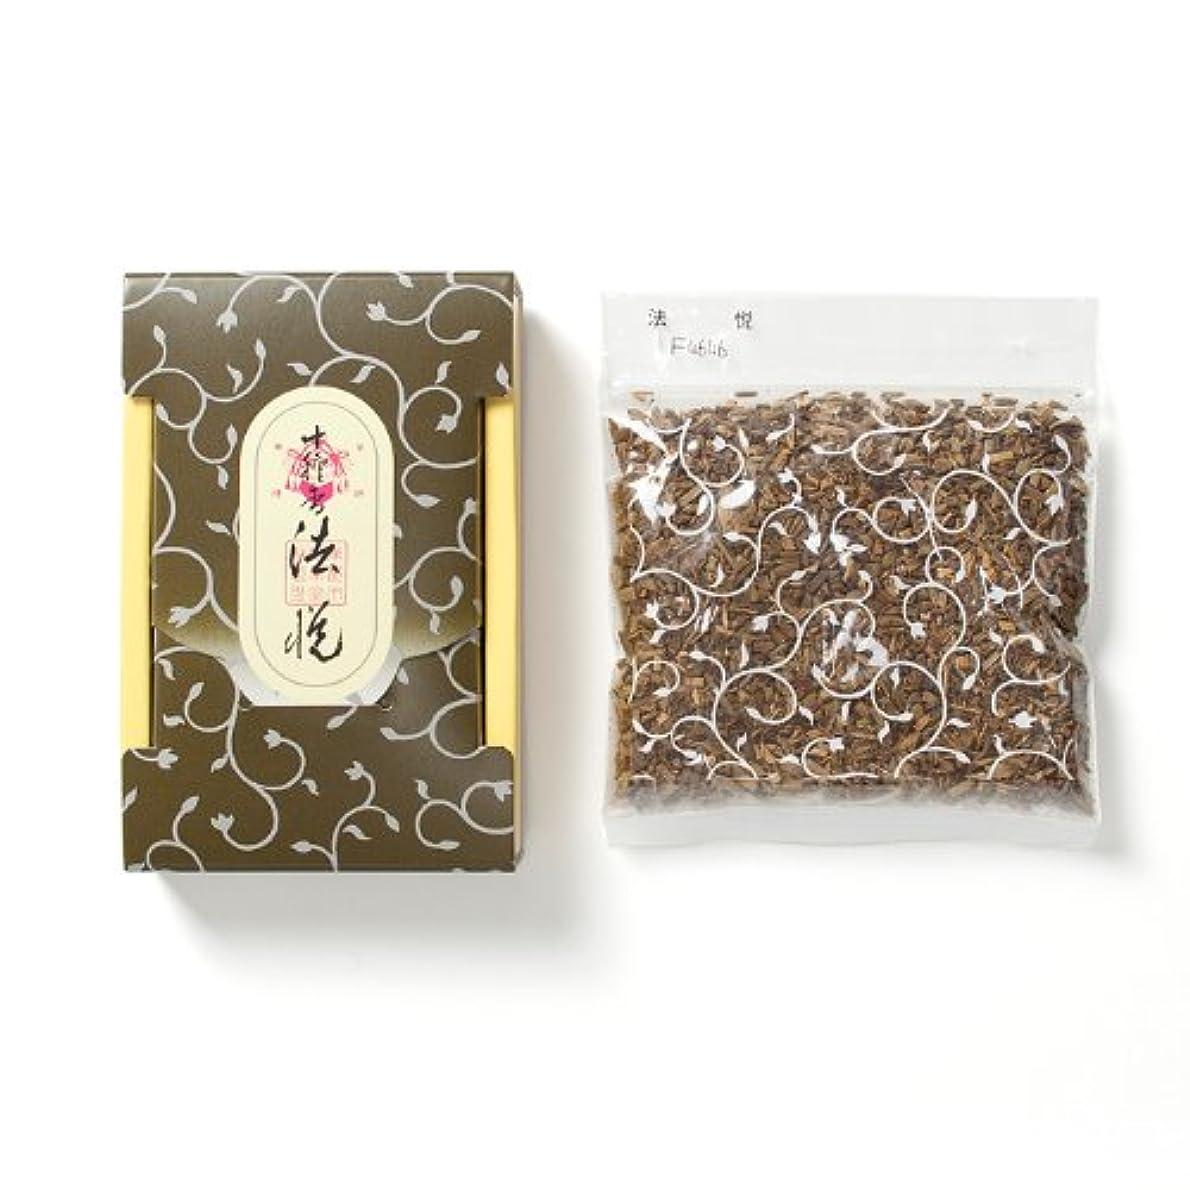 誇りに思う味付けチャペル松栄堂のお焼香 十種香 法悦 25g詰 小箱入 #411041